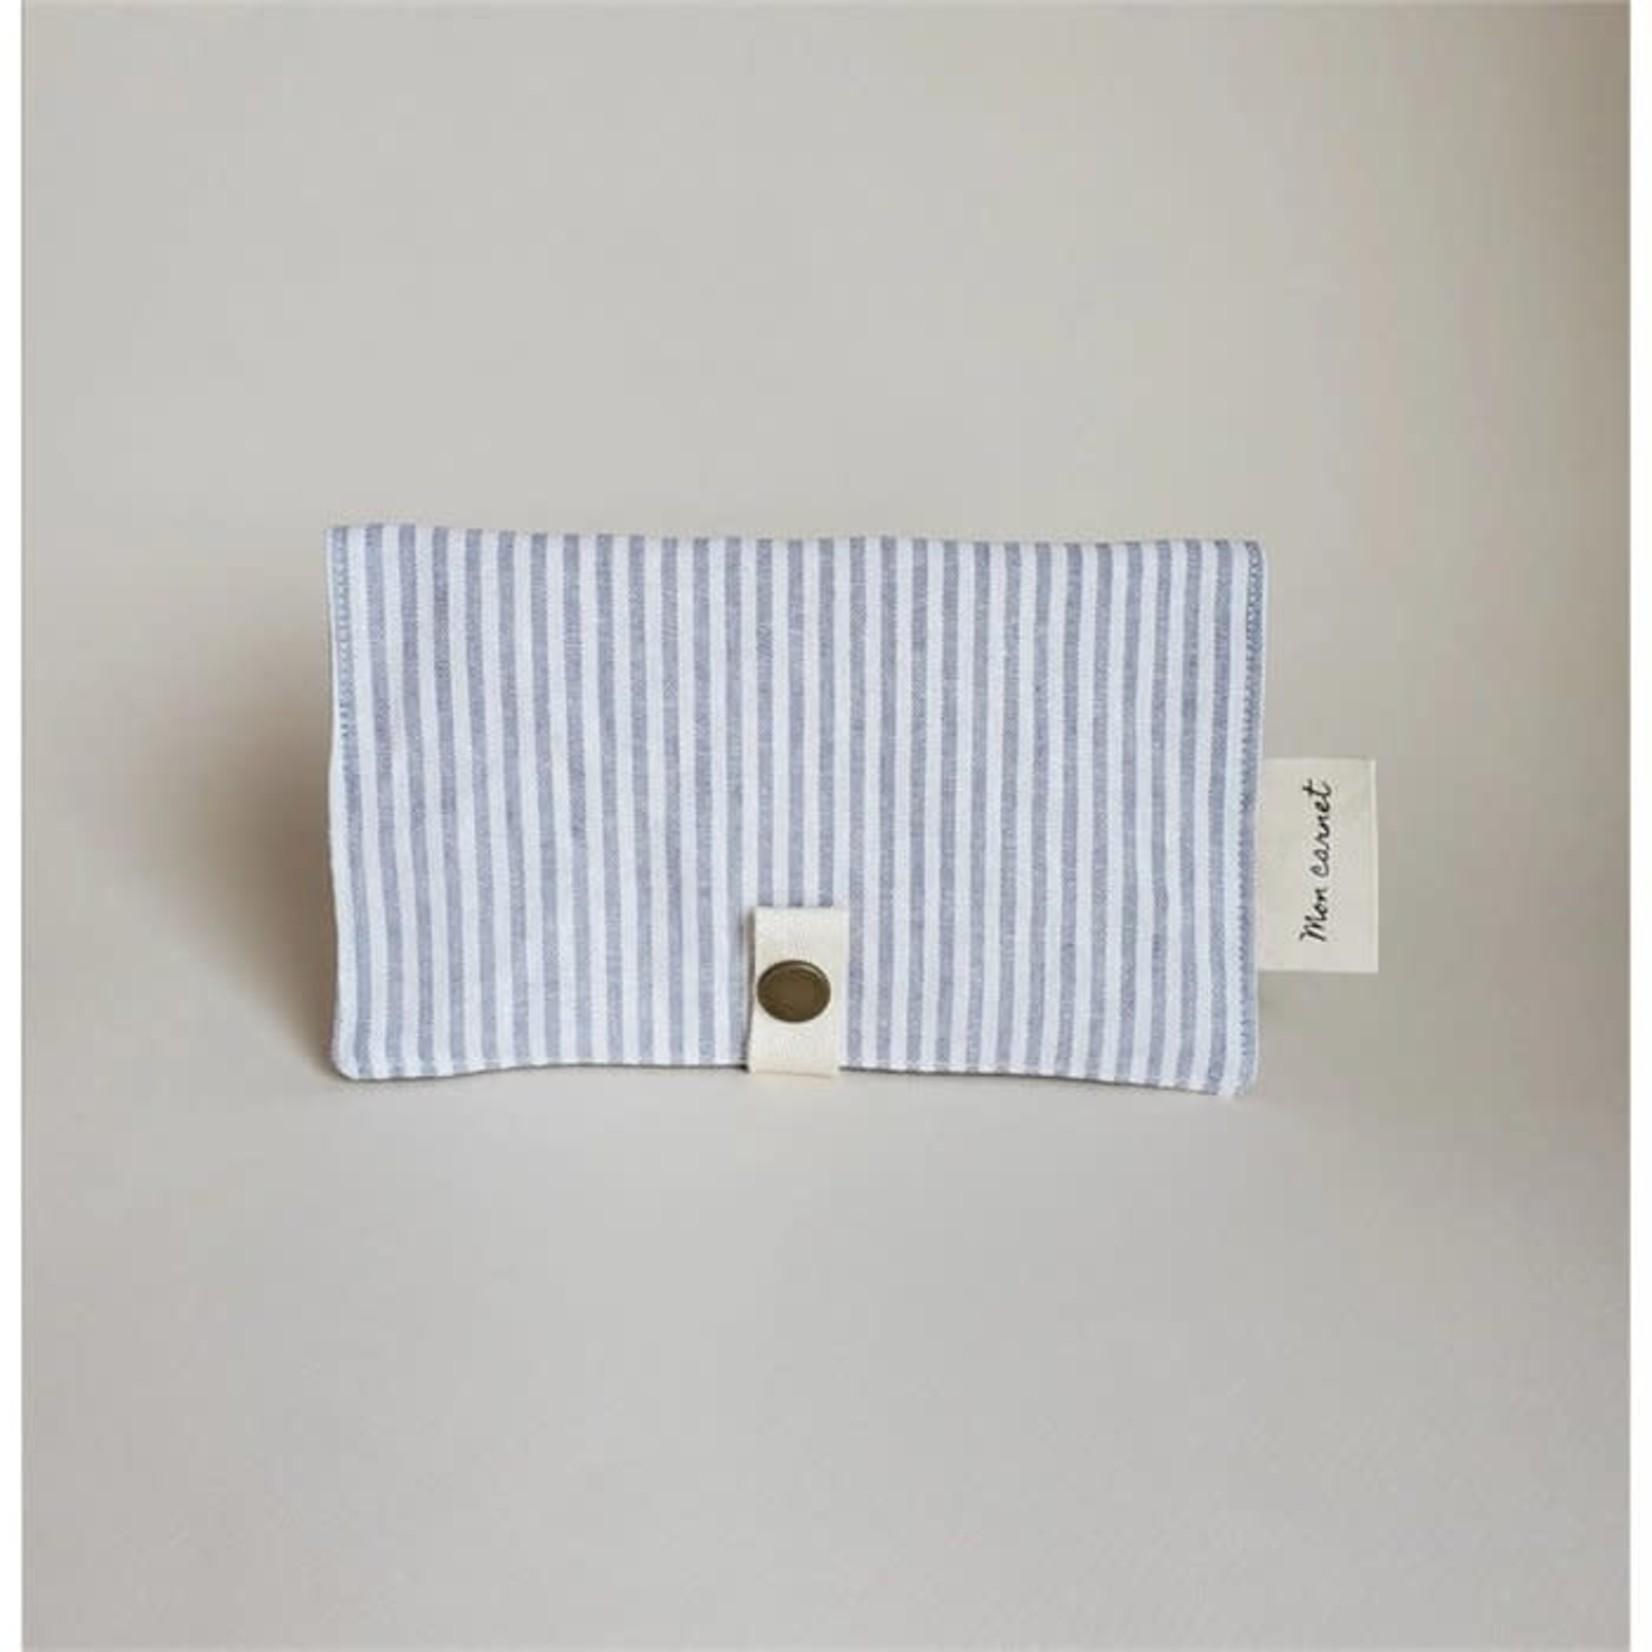 Sauge & co Sauge & co - Mon carnet / Linen stripes grey